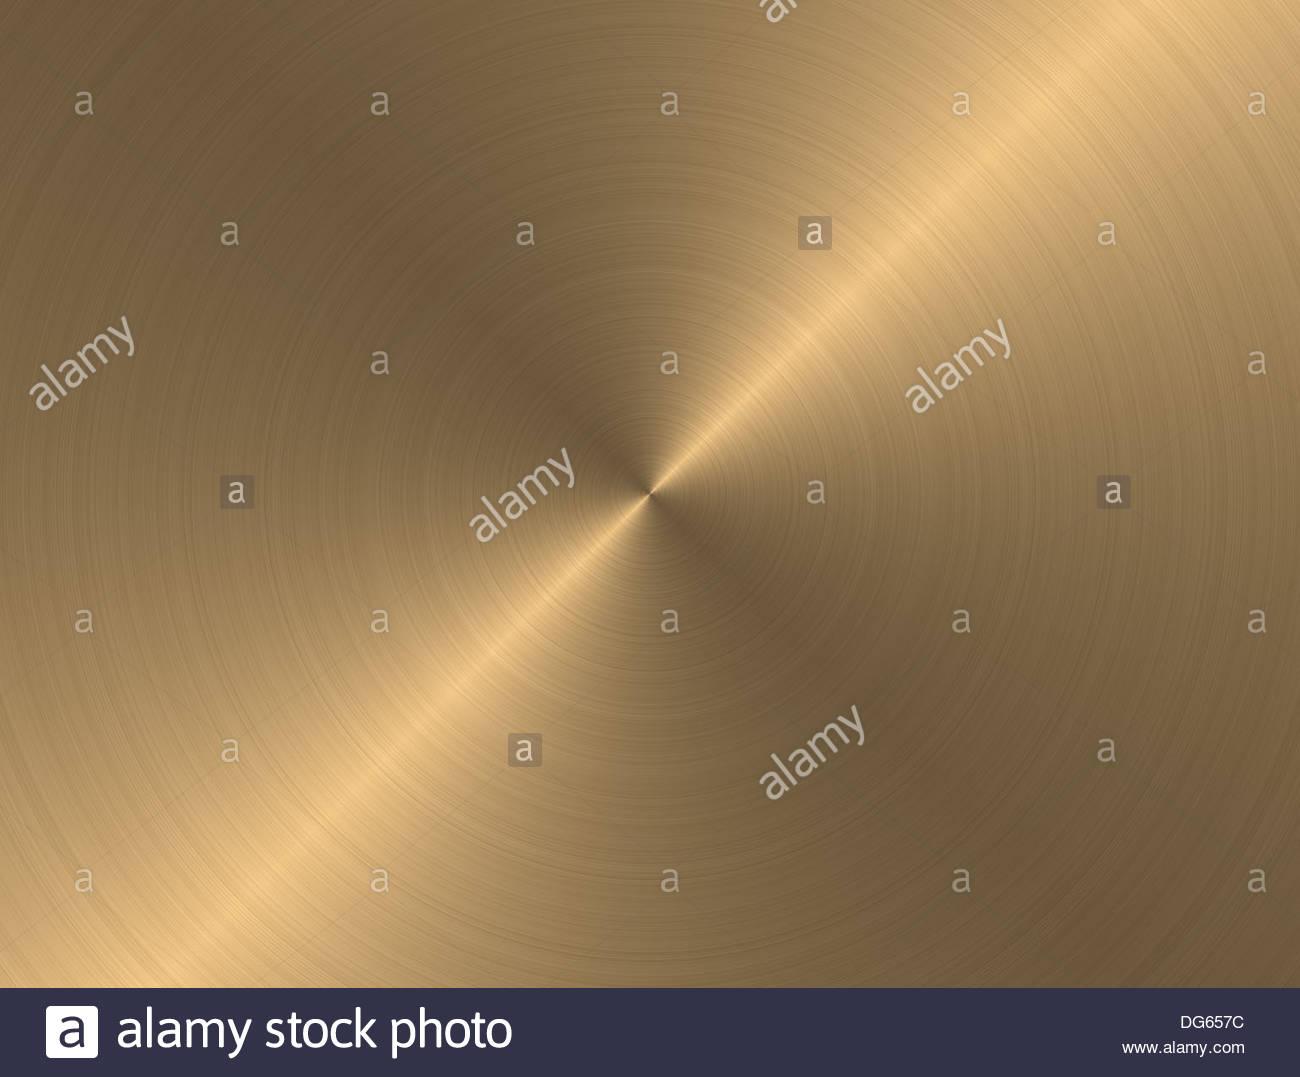 gold metall hintergrund mit realistischen kreisformig geburstet textur dg657c